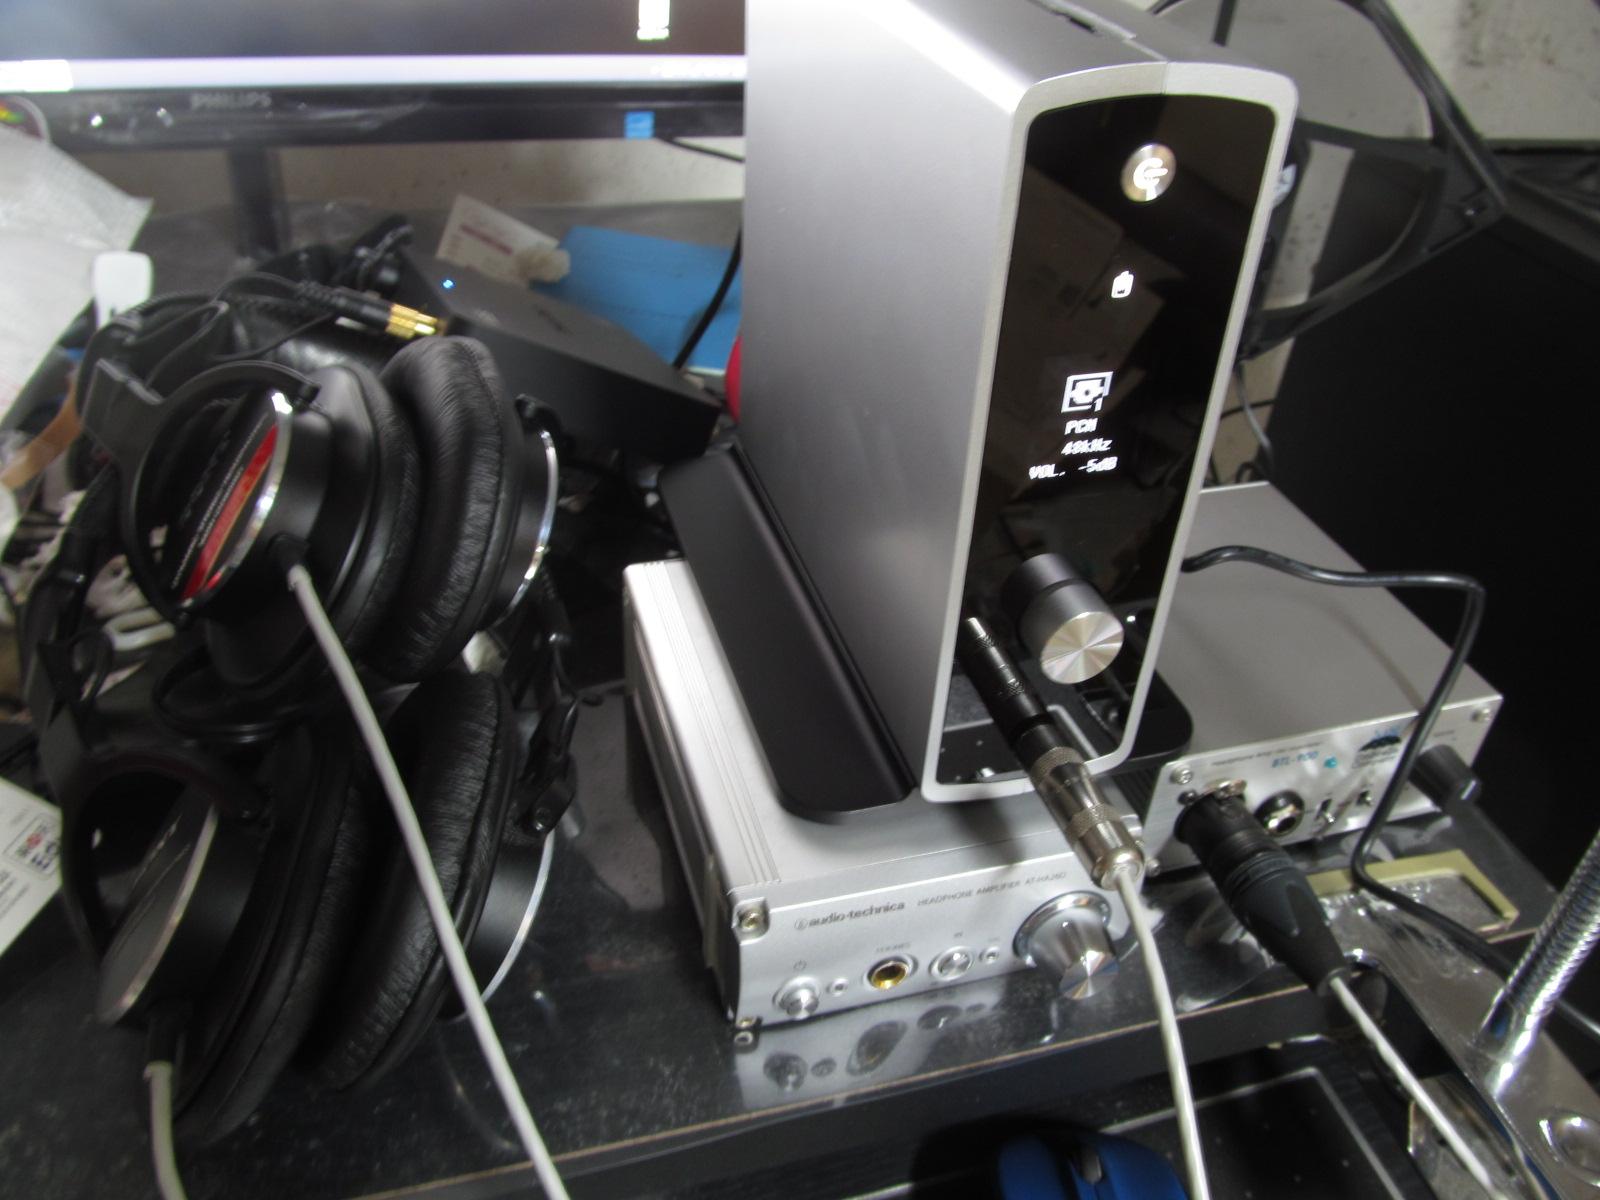 めんどくされた 創作 生活 活動日記 : BTL-900 BTL 900 DA-300USB DA 300USB AT-HA26D AT HA26D PC 高音質化 比較 レビュー 評価